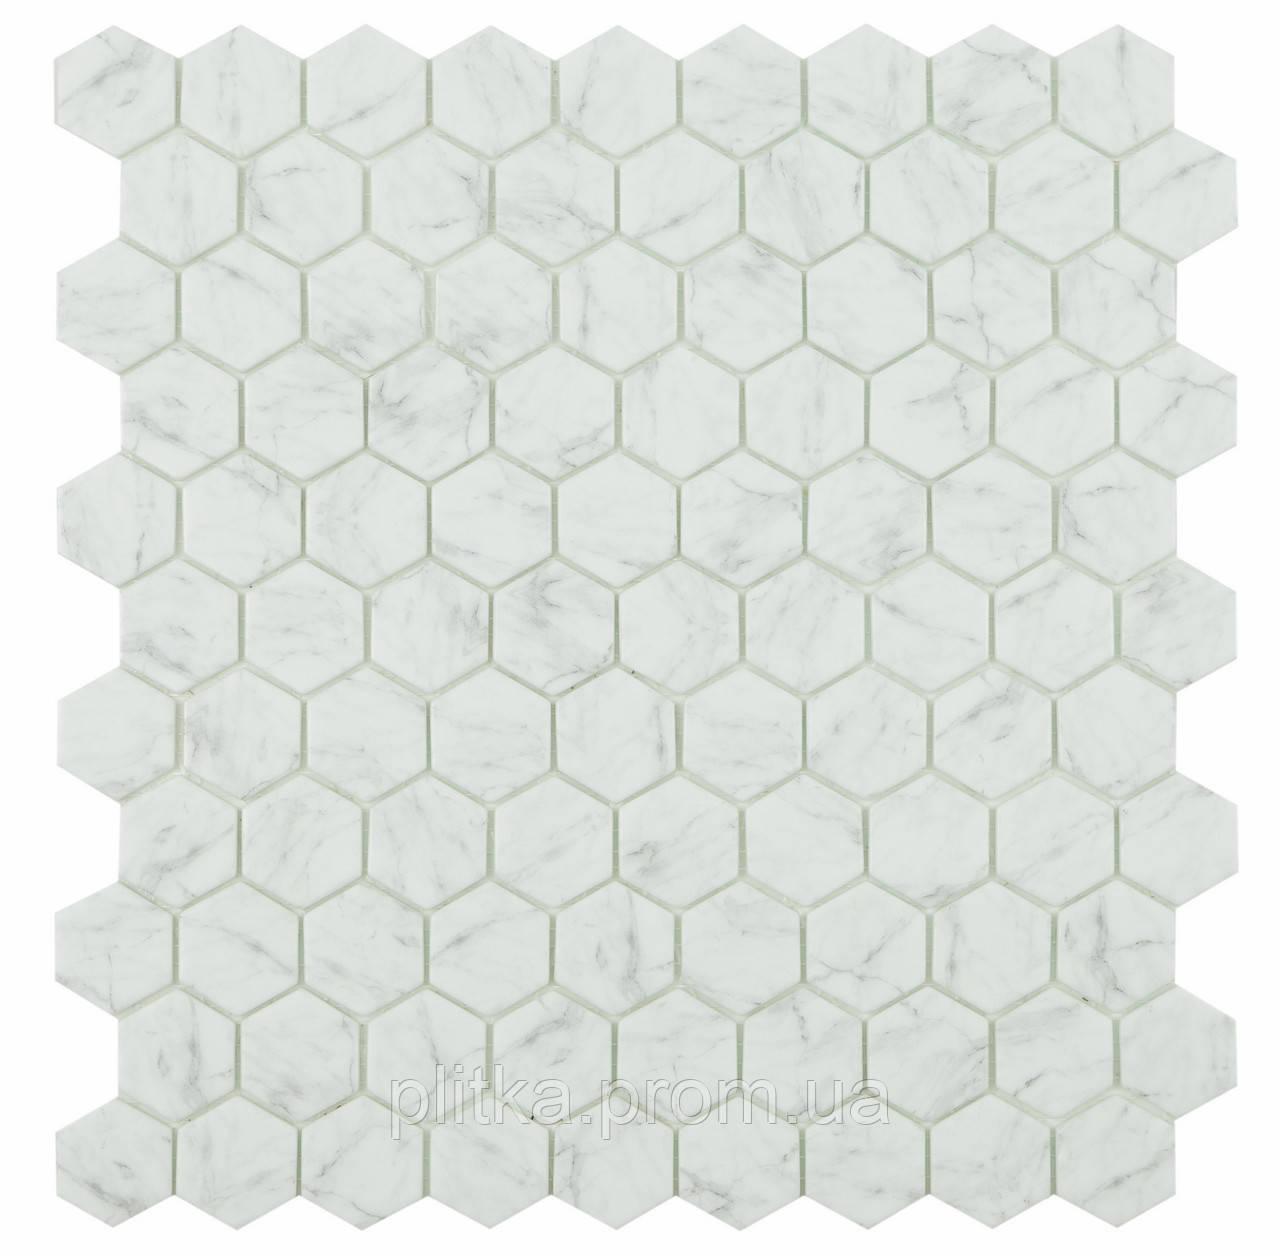 Мозаїка Honey Carrara Grey Mt 4300 31,5*31,5